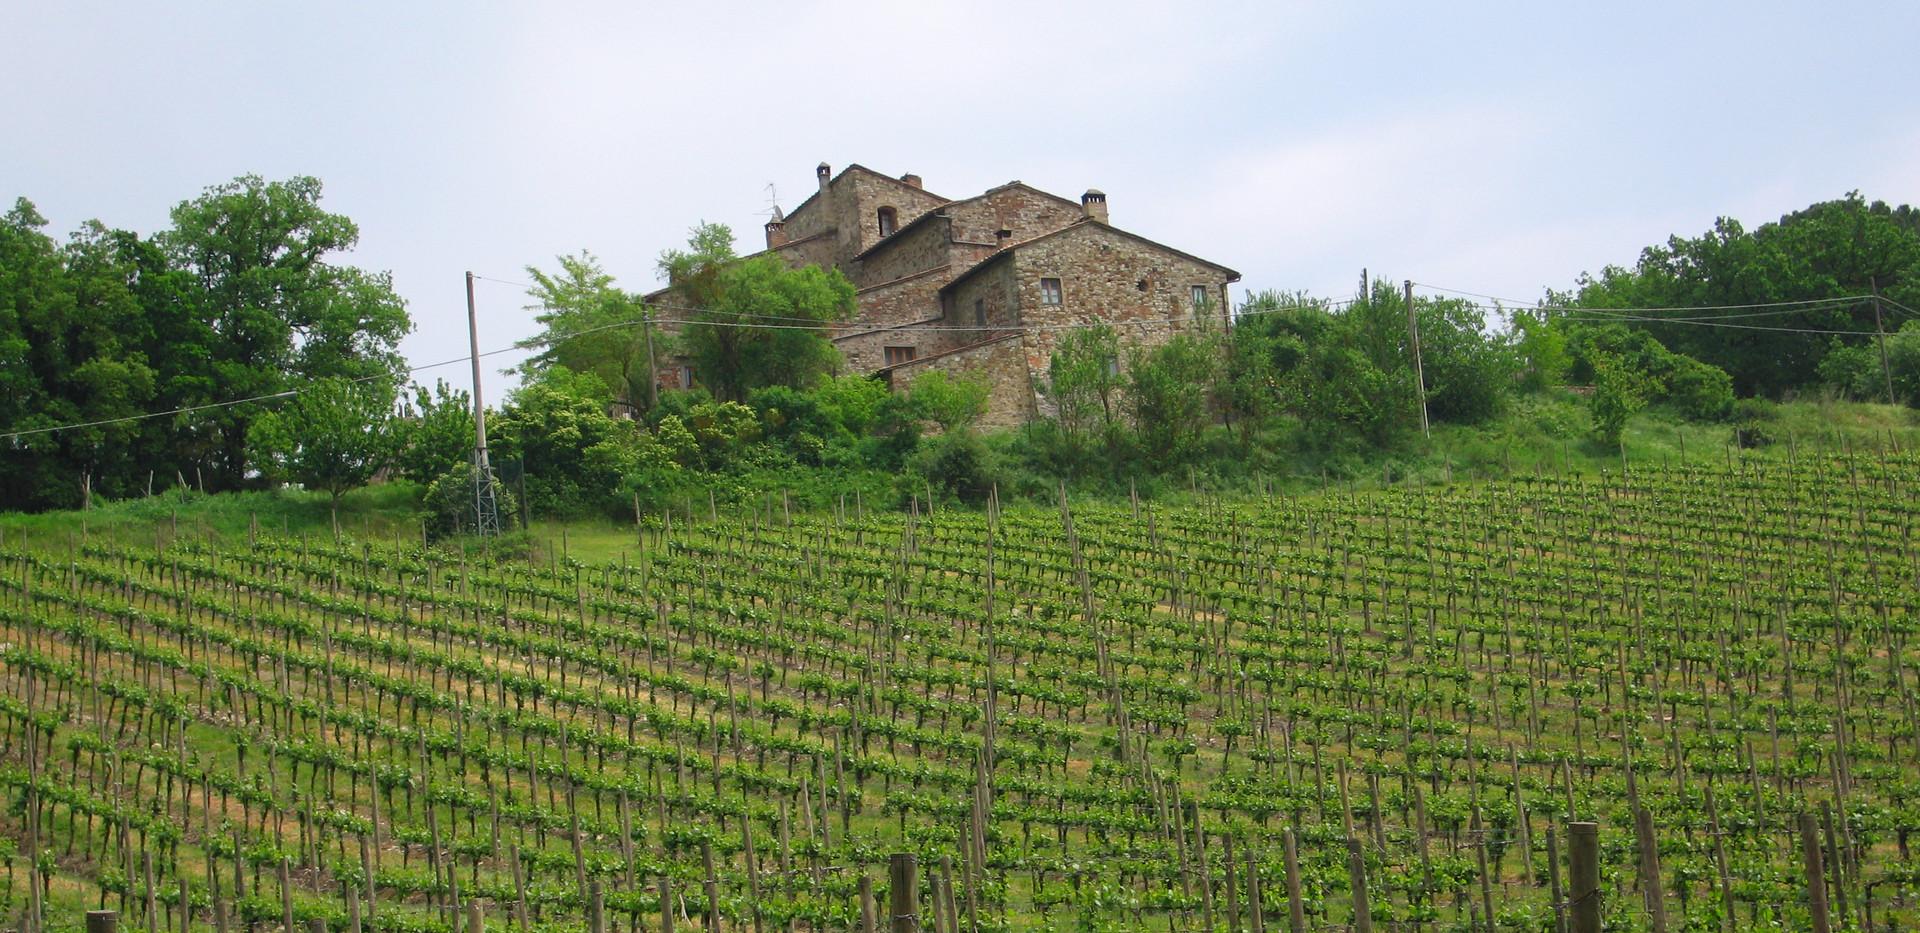 095 Toscana.JPG